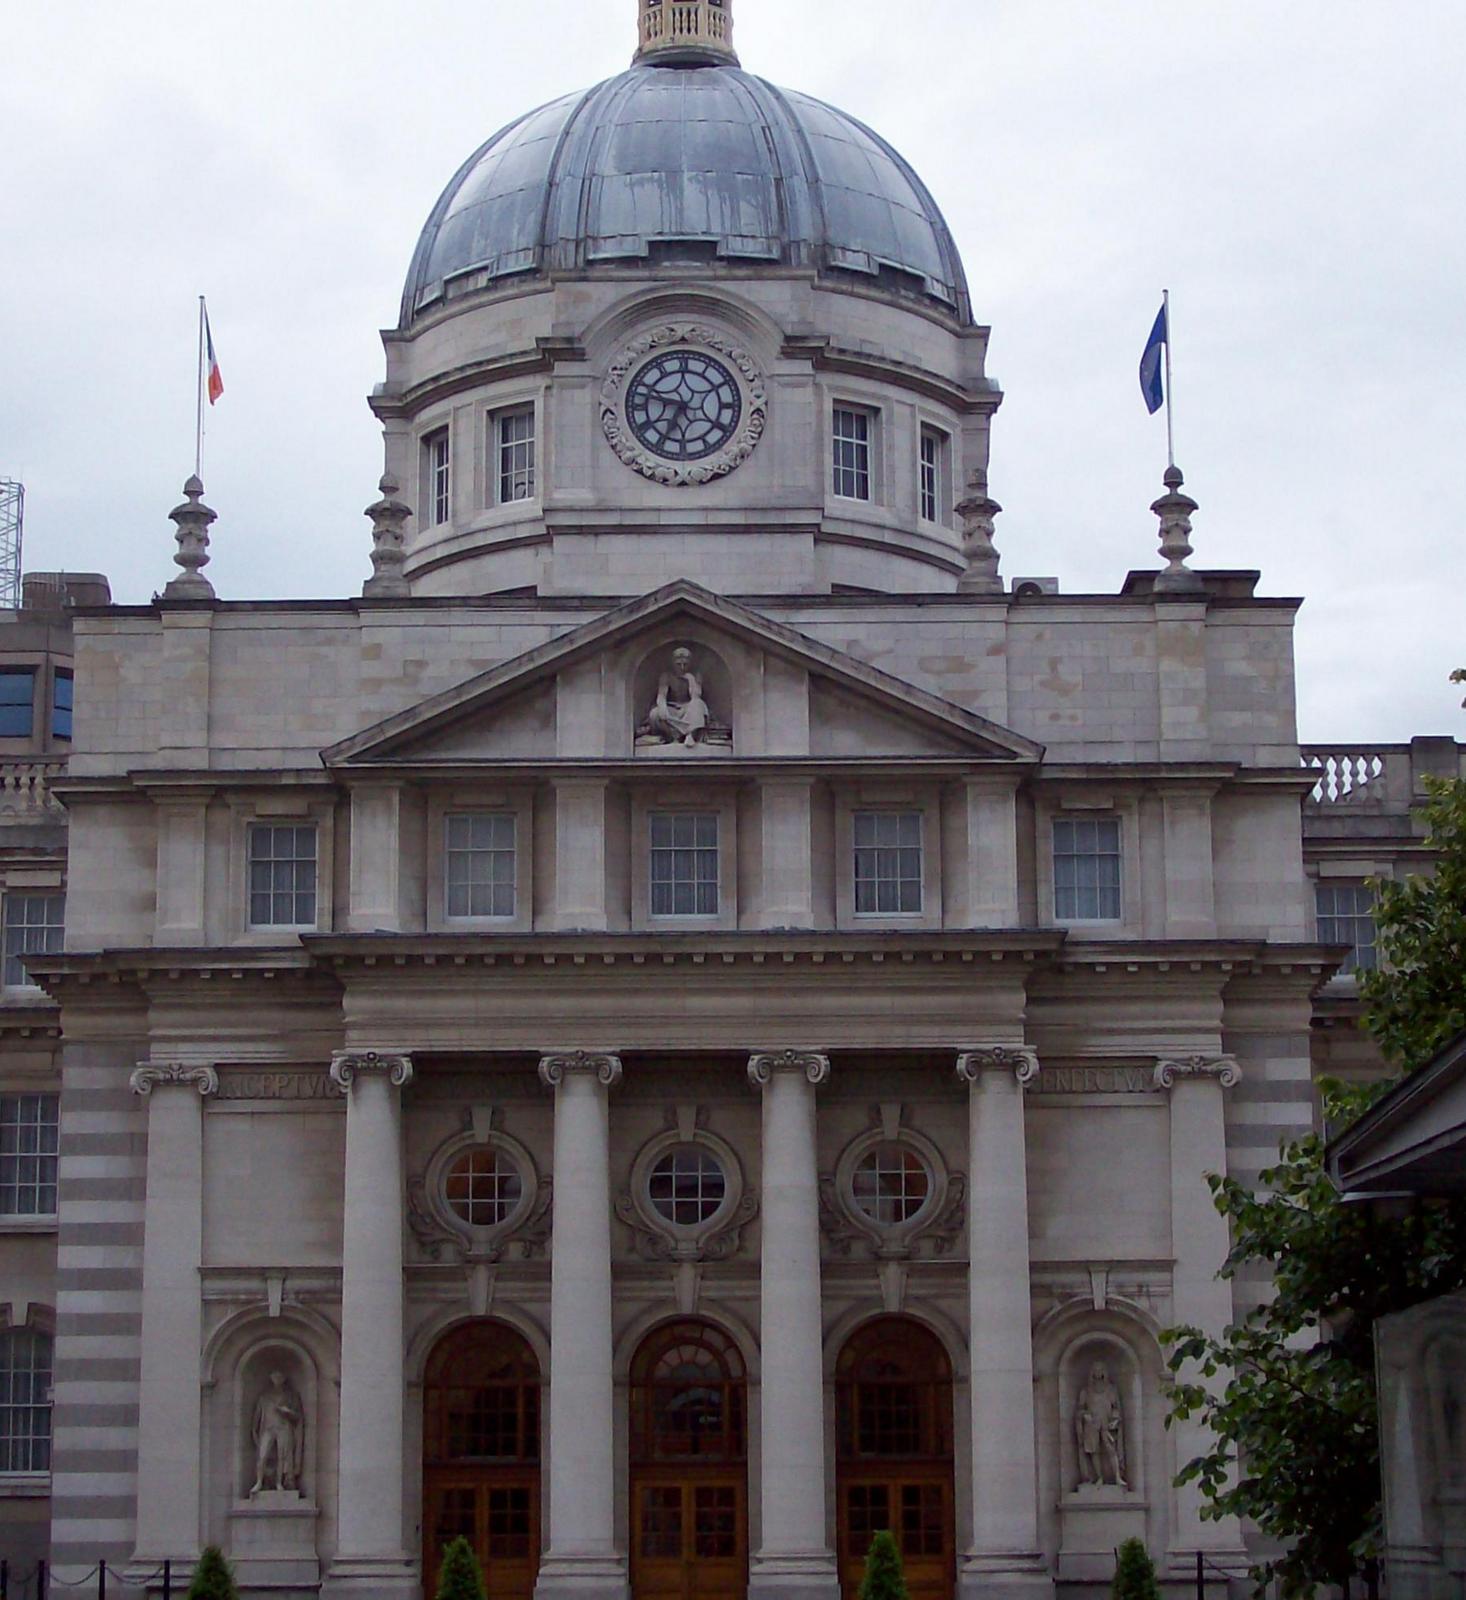 Leinster house Dublin